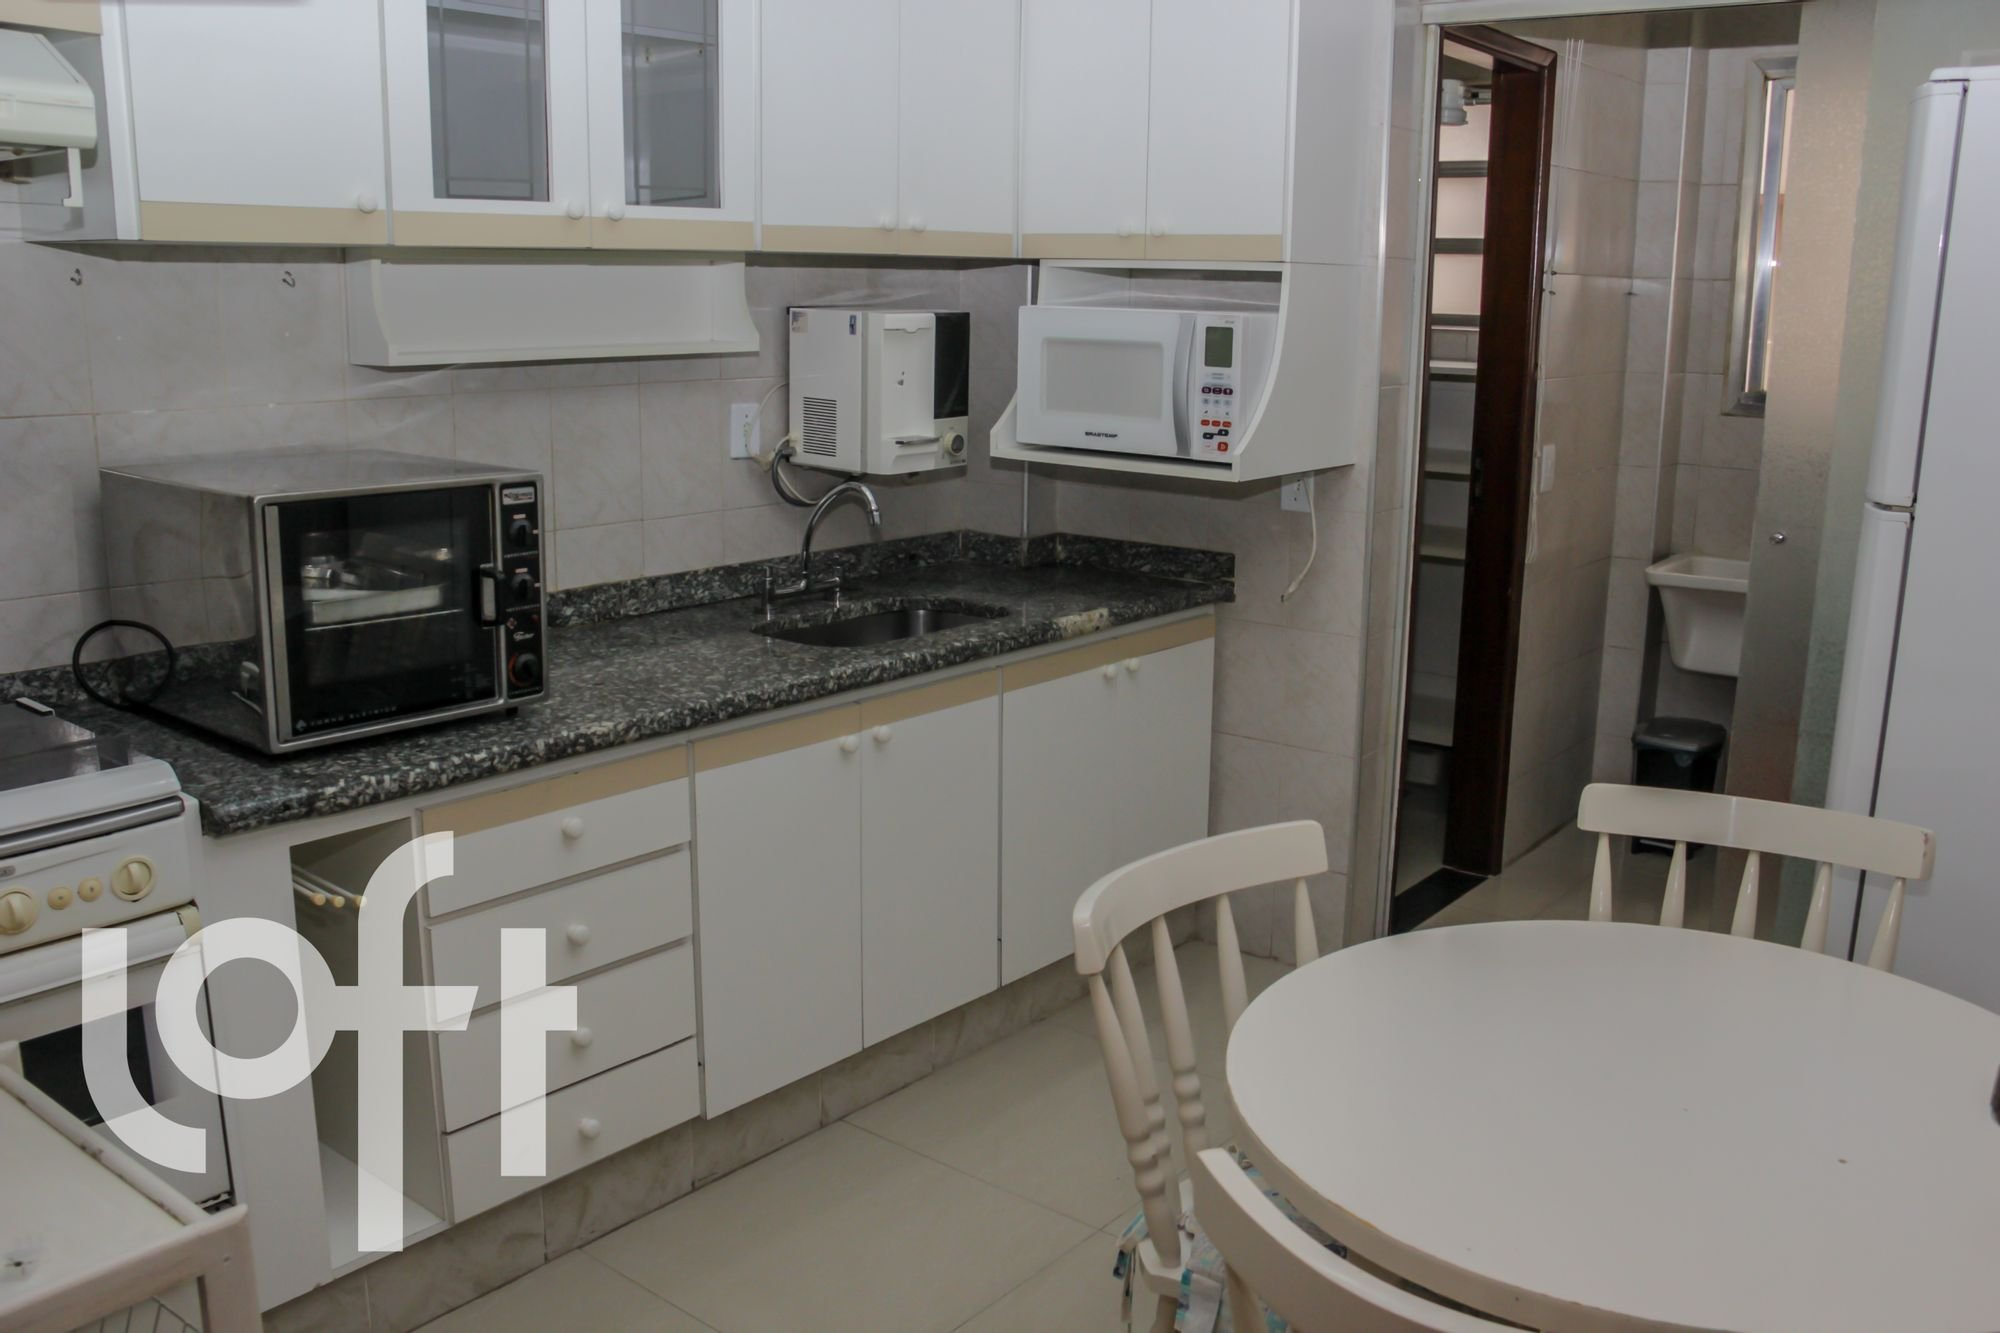 Foto de Cozinha com pia, cadeira, microondas, mesa de jantar